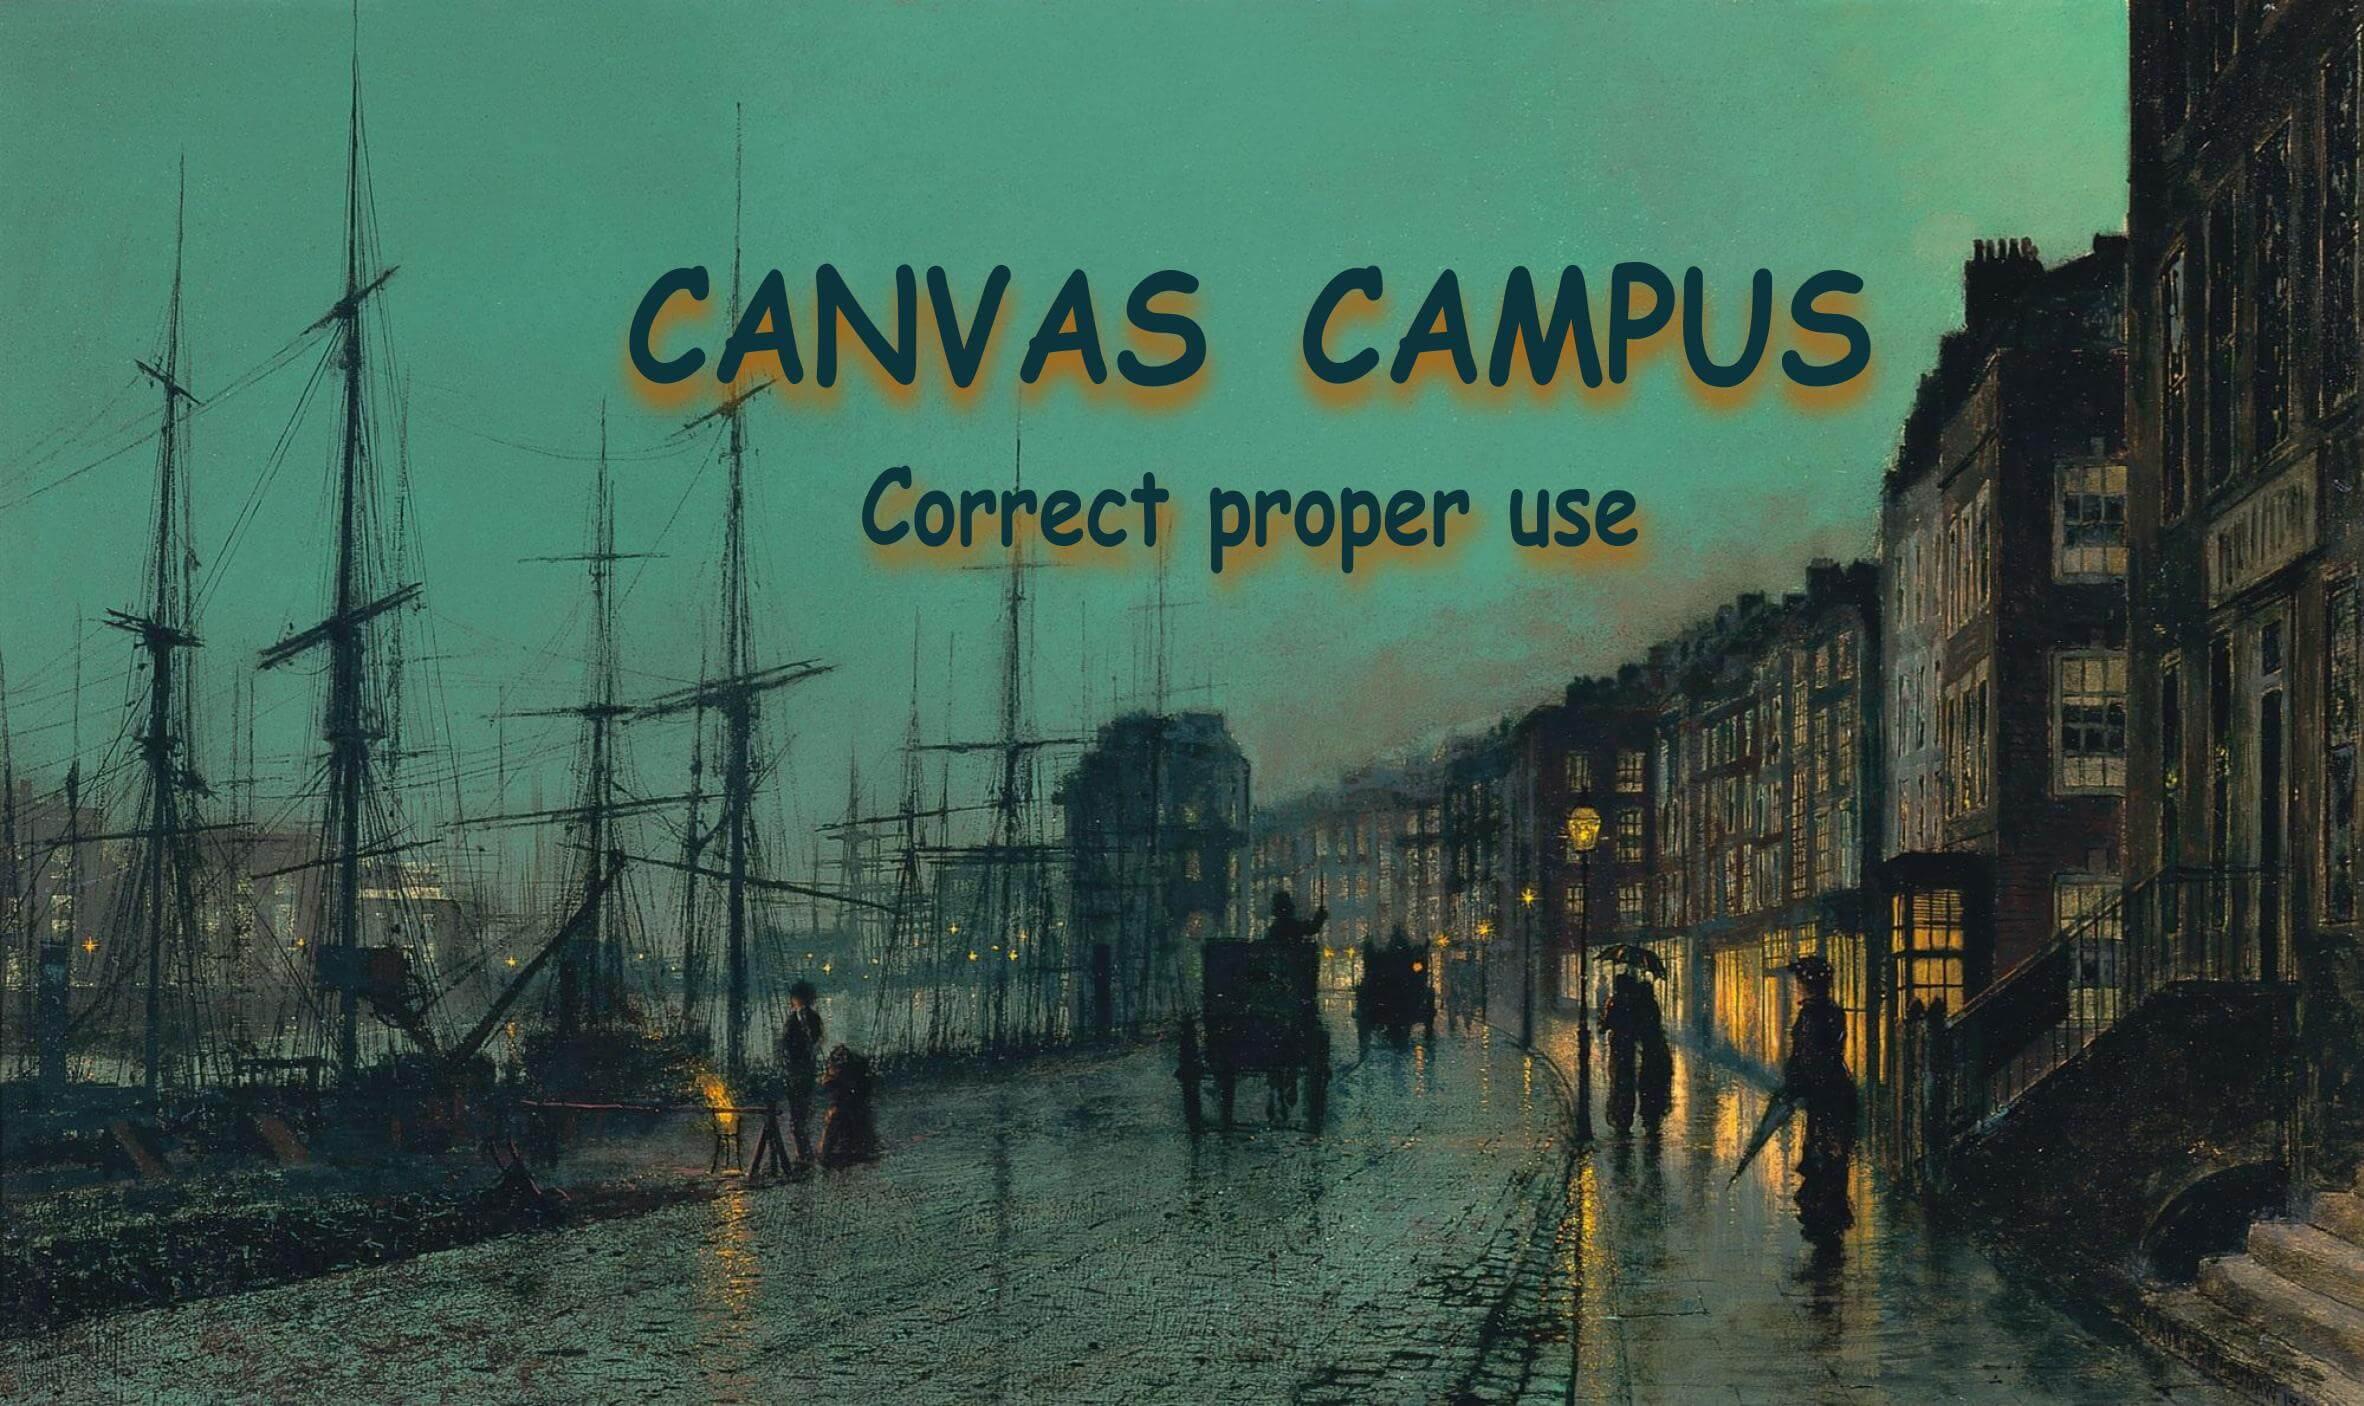 ヨーロッパの夕暮れの街並みを描いた油絵 CANVAS CAMPUS Correct proper use